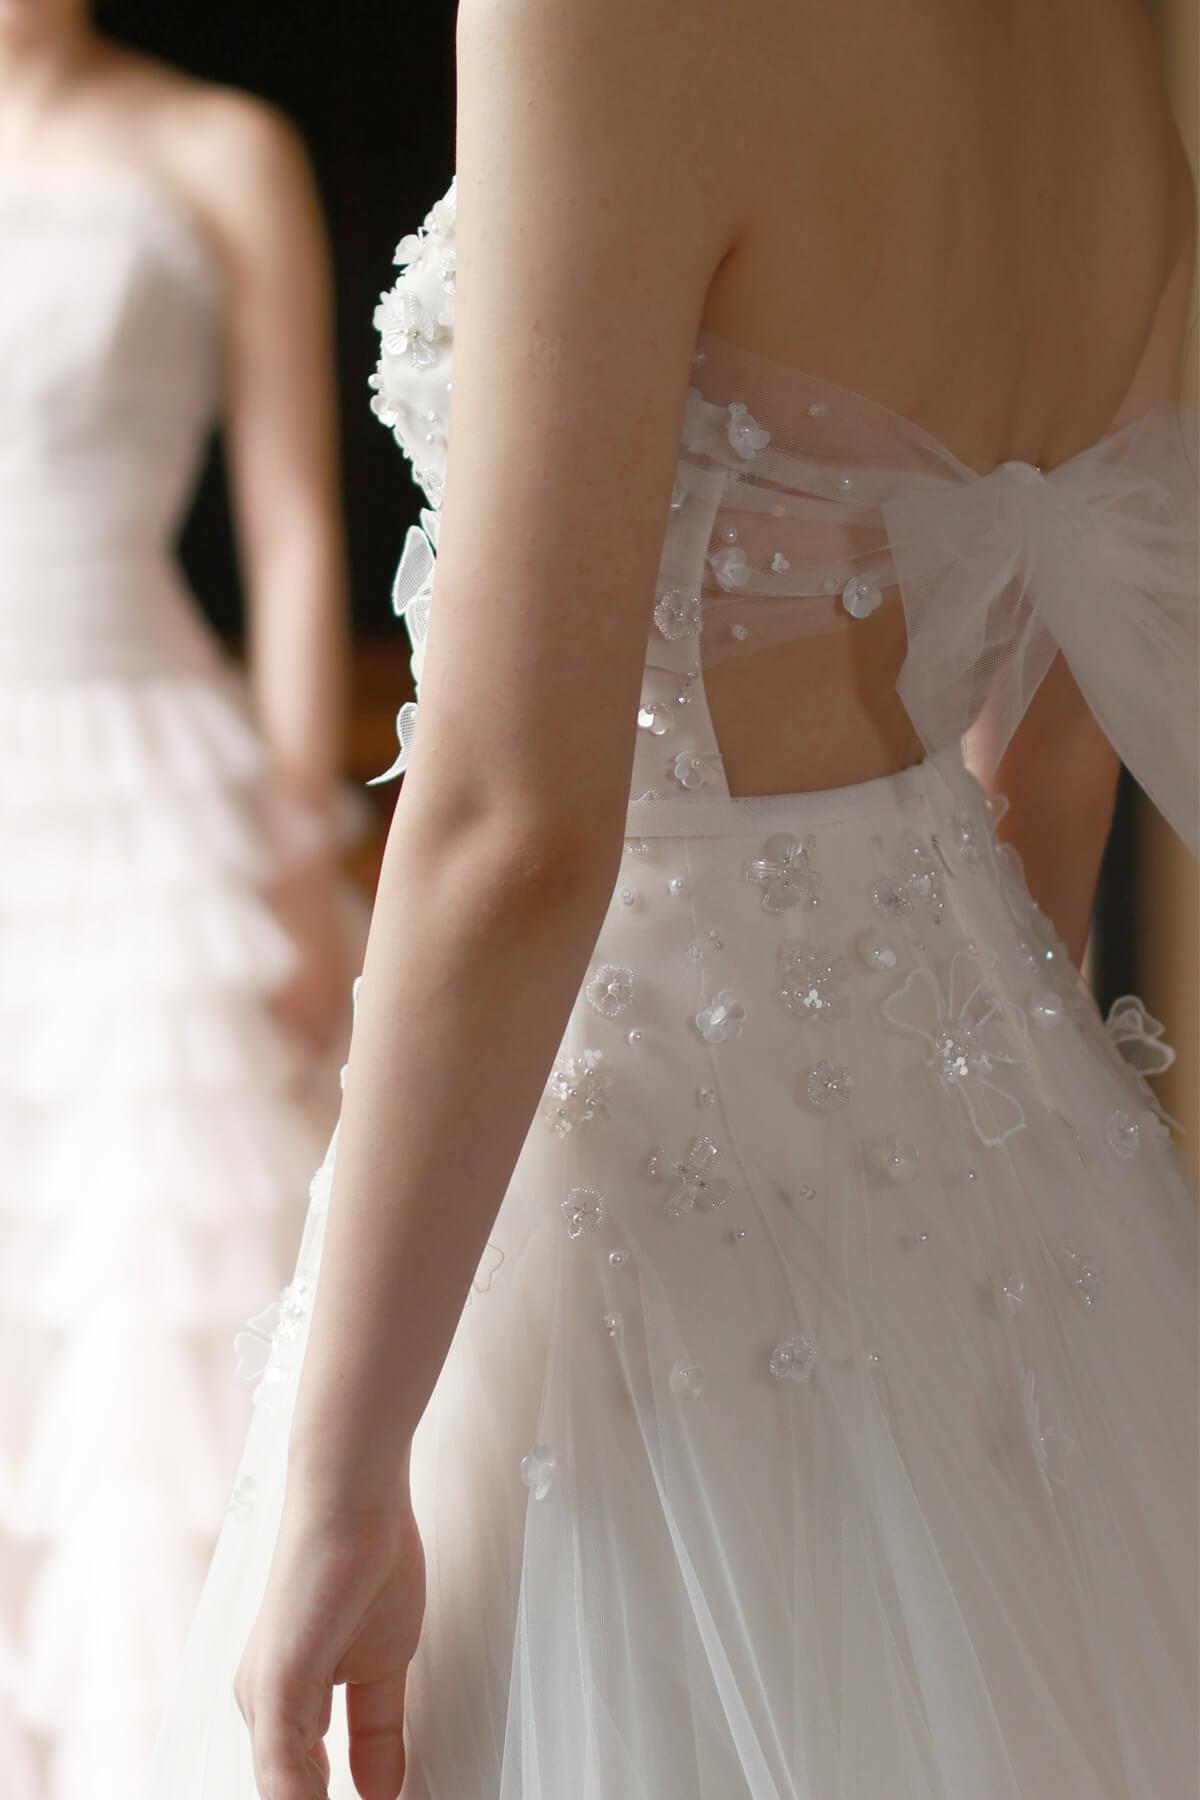 ザ・トリートドレッシング名古屋店提携の結婚式場THE KAWABUN NAGOYAにて前撮りを予定されている花嫁様へおすすめのウェディングドレス